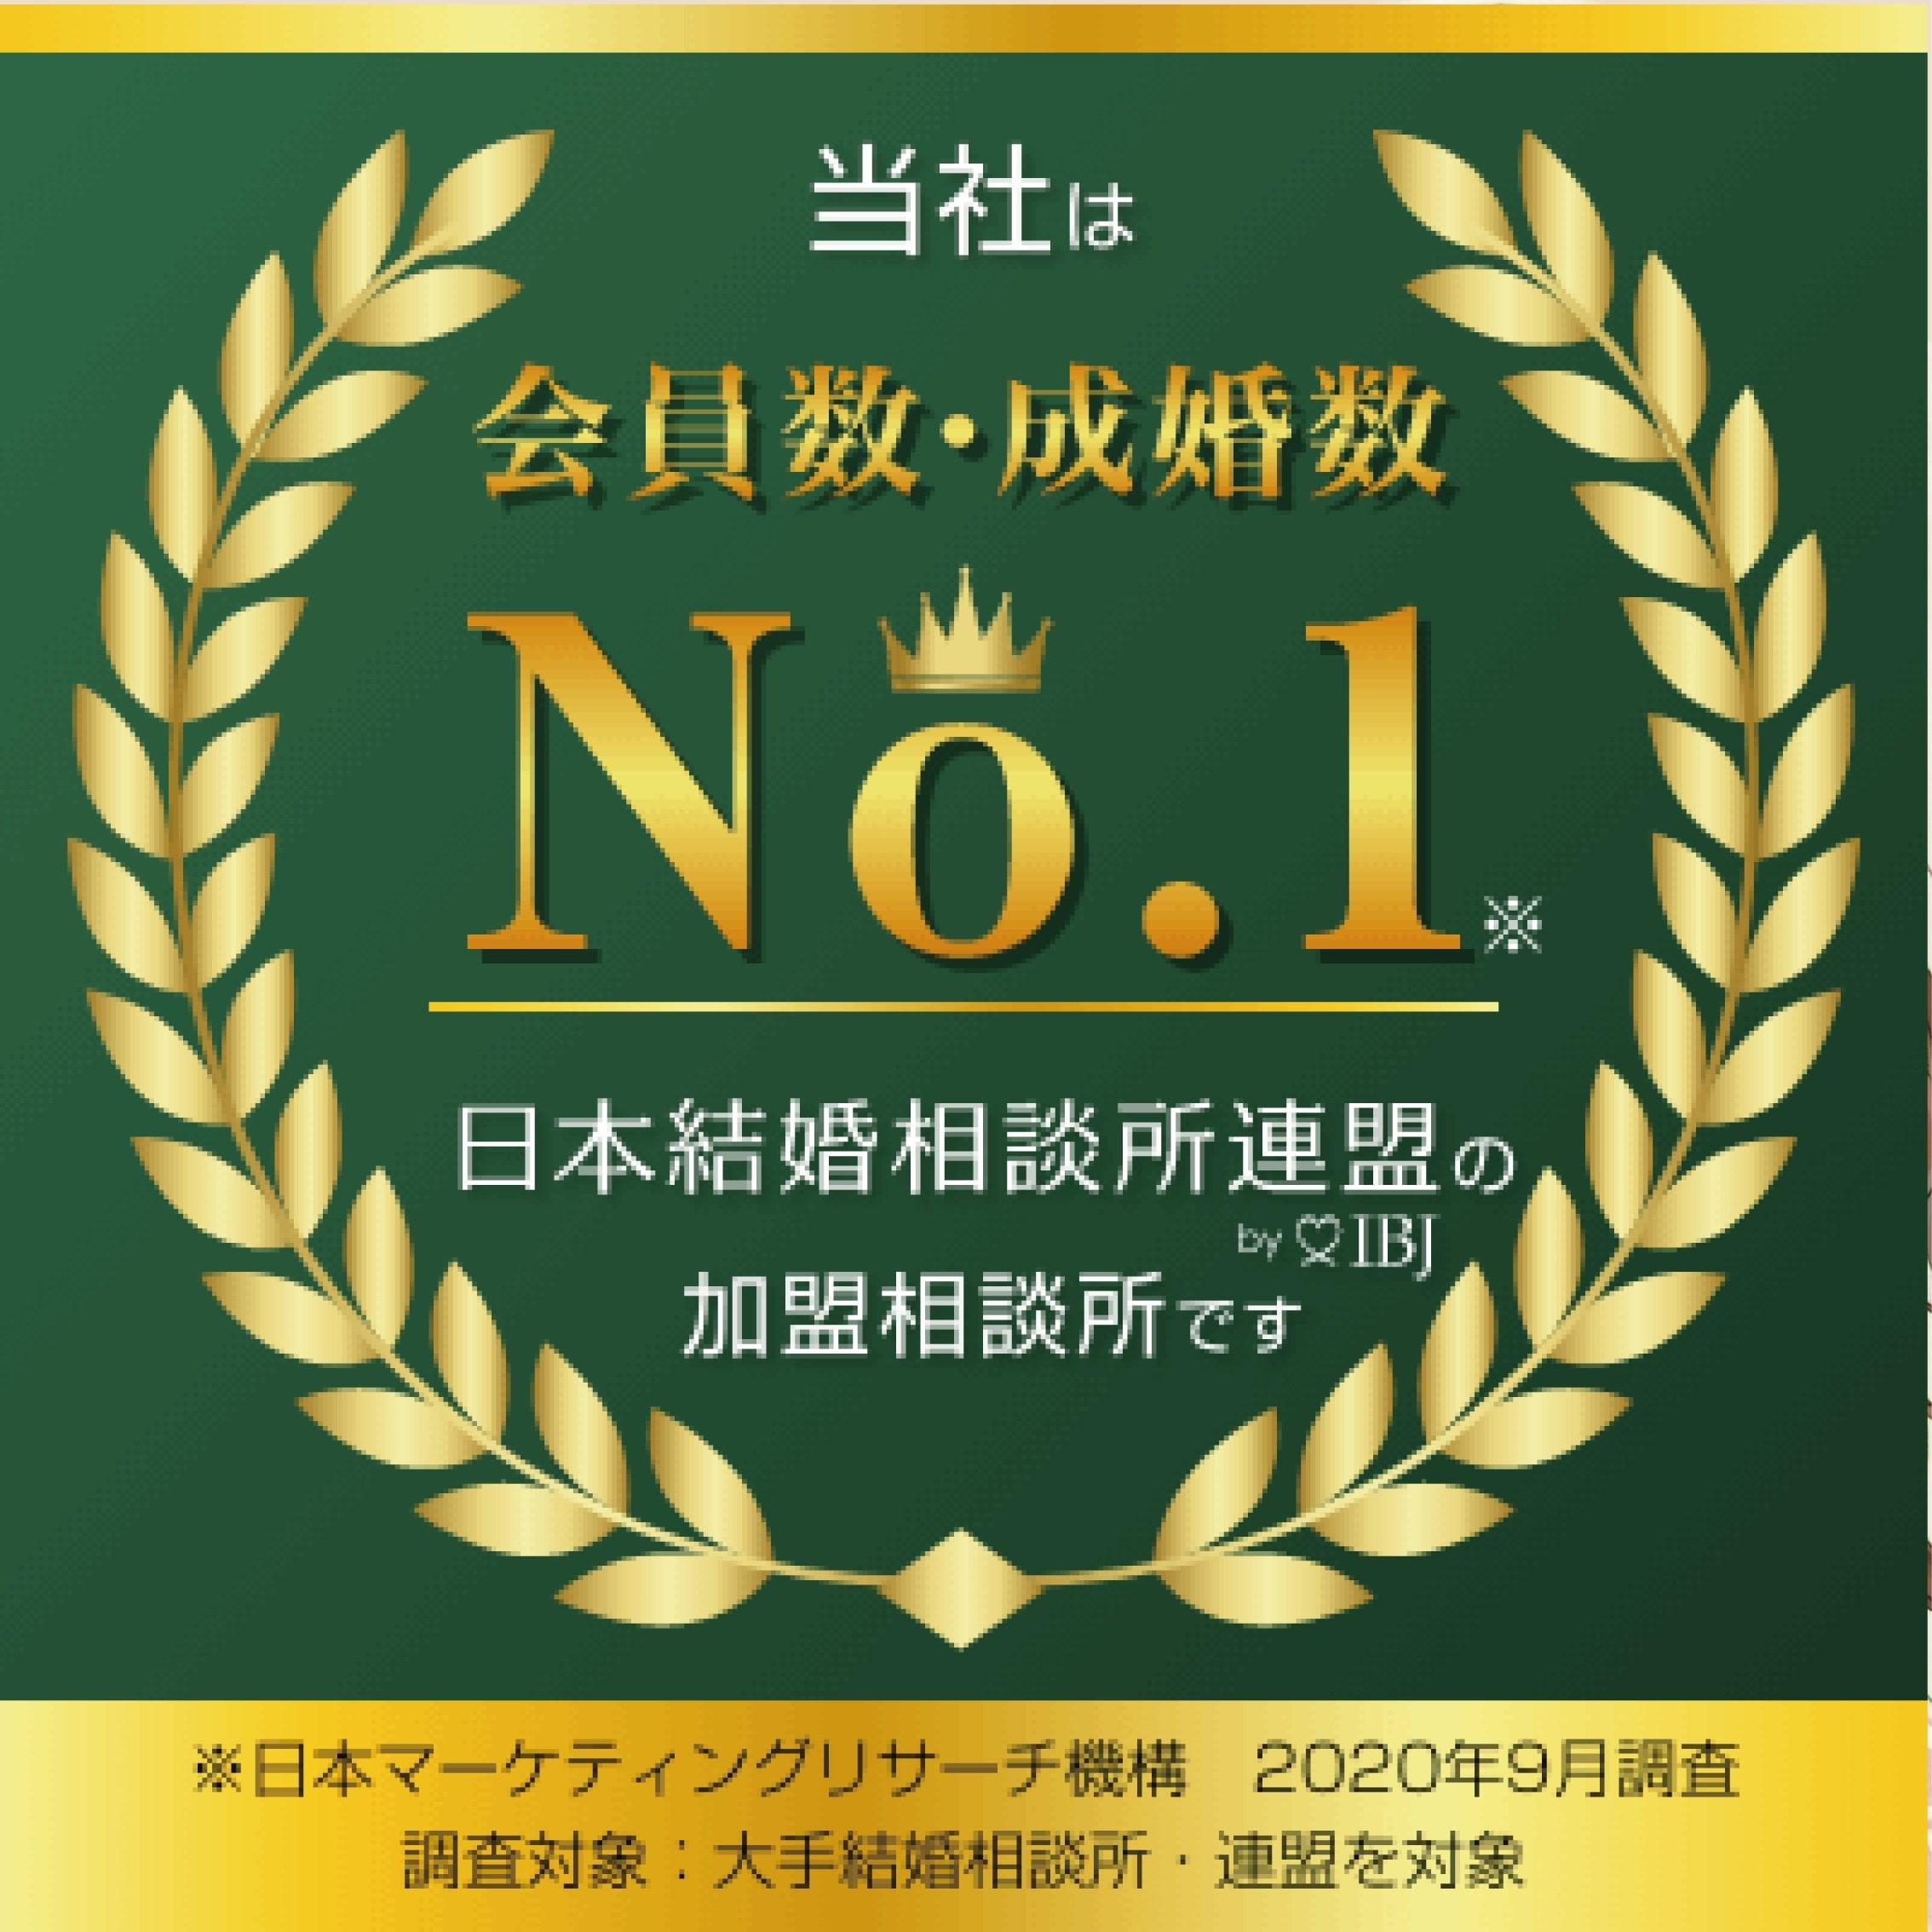 【会員専用】3,000円分婚活オプションのイメージその3